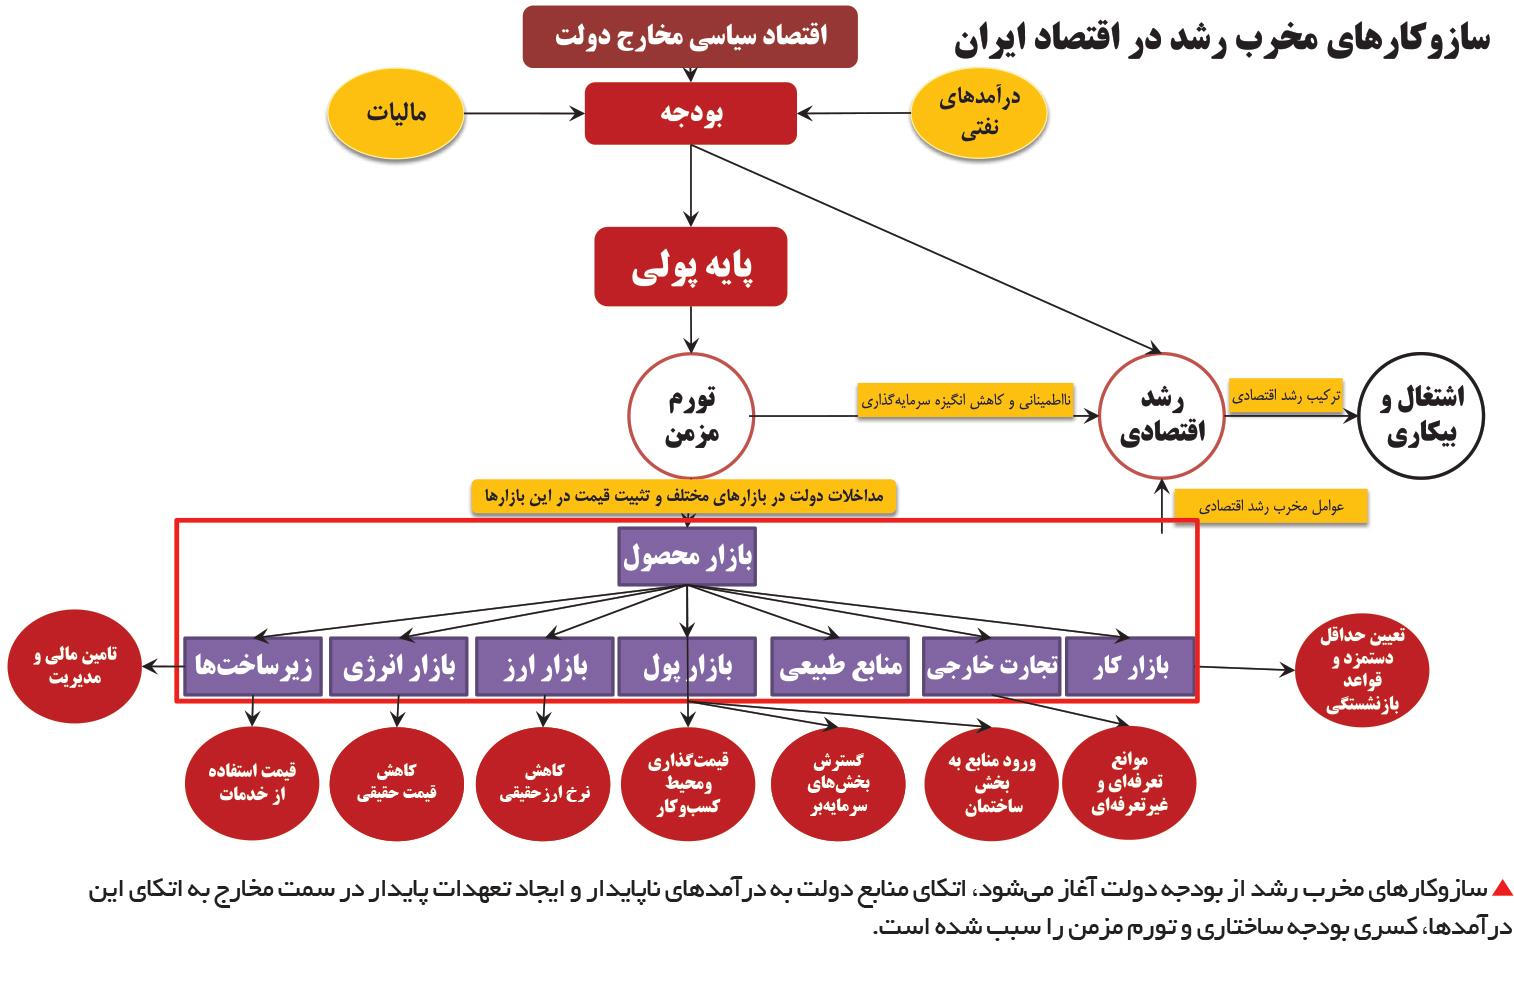 تجارت فردا-  سازوکارهای مخرب رشد در اقتصاد ایران1